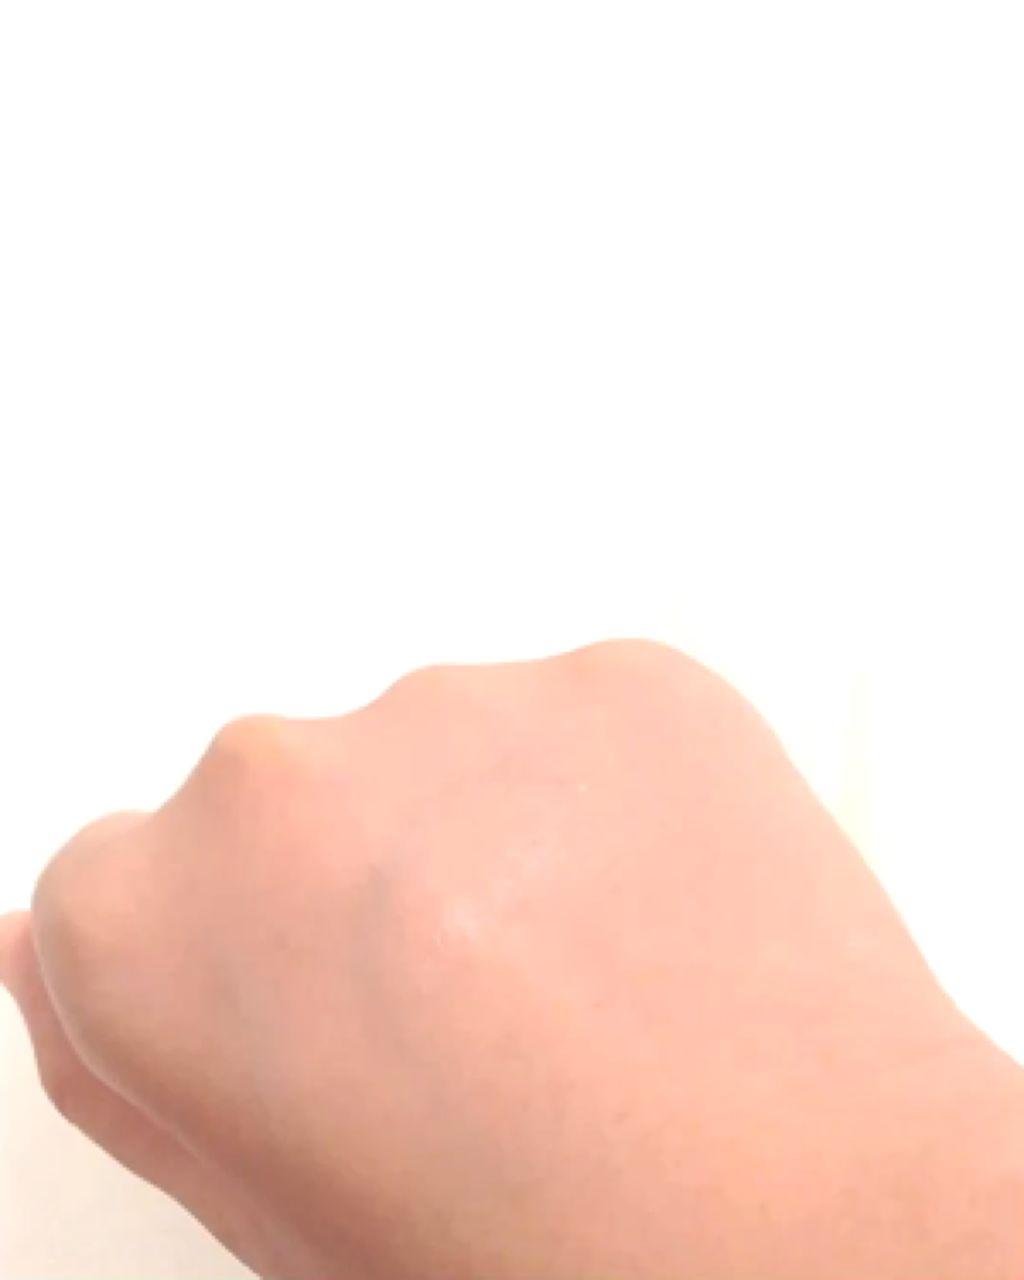 フルーツ リップバーム N/JILL STUART/リップケア・リップクリームを使ったクチコミ(3枚目)